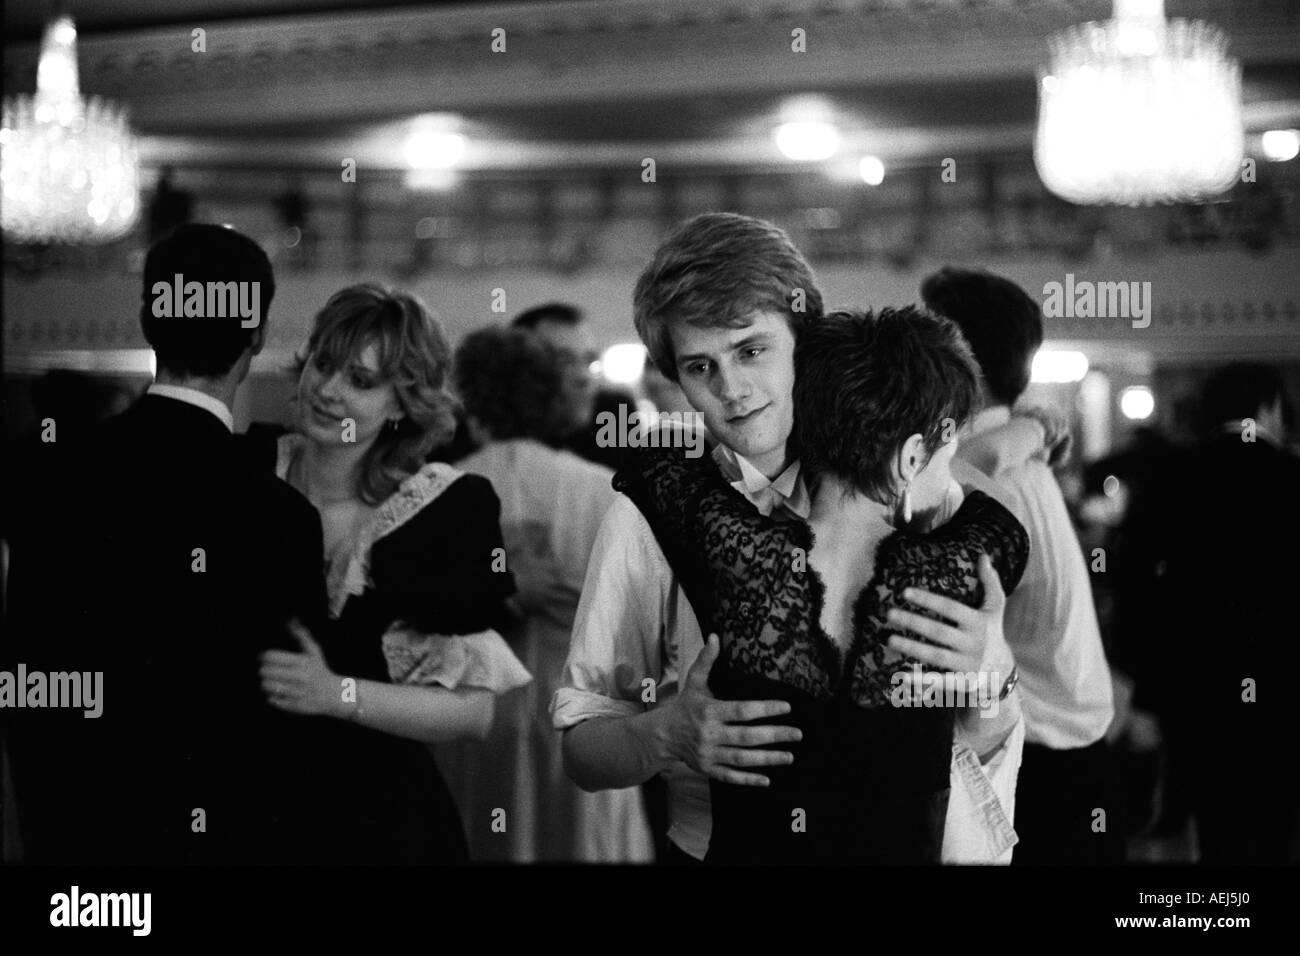 Rose Ball Grosvenor House Hotel, Park Lane,  London England 1982.  HOMER SYKES - Stock Image